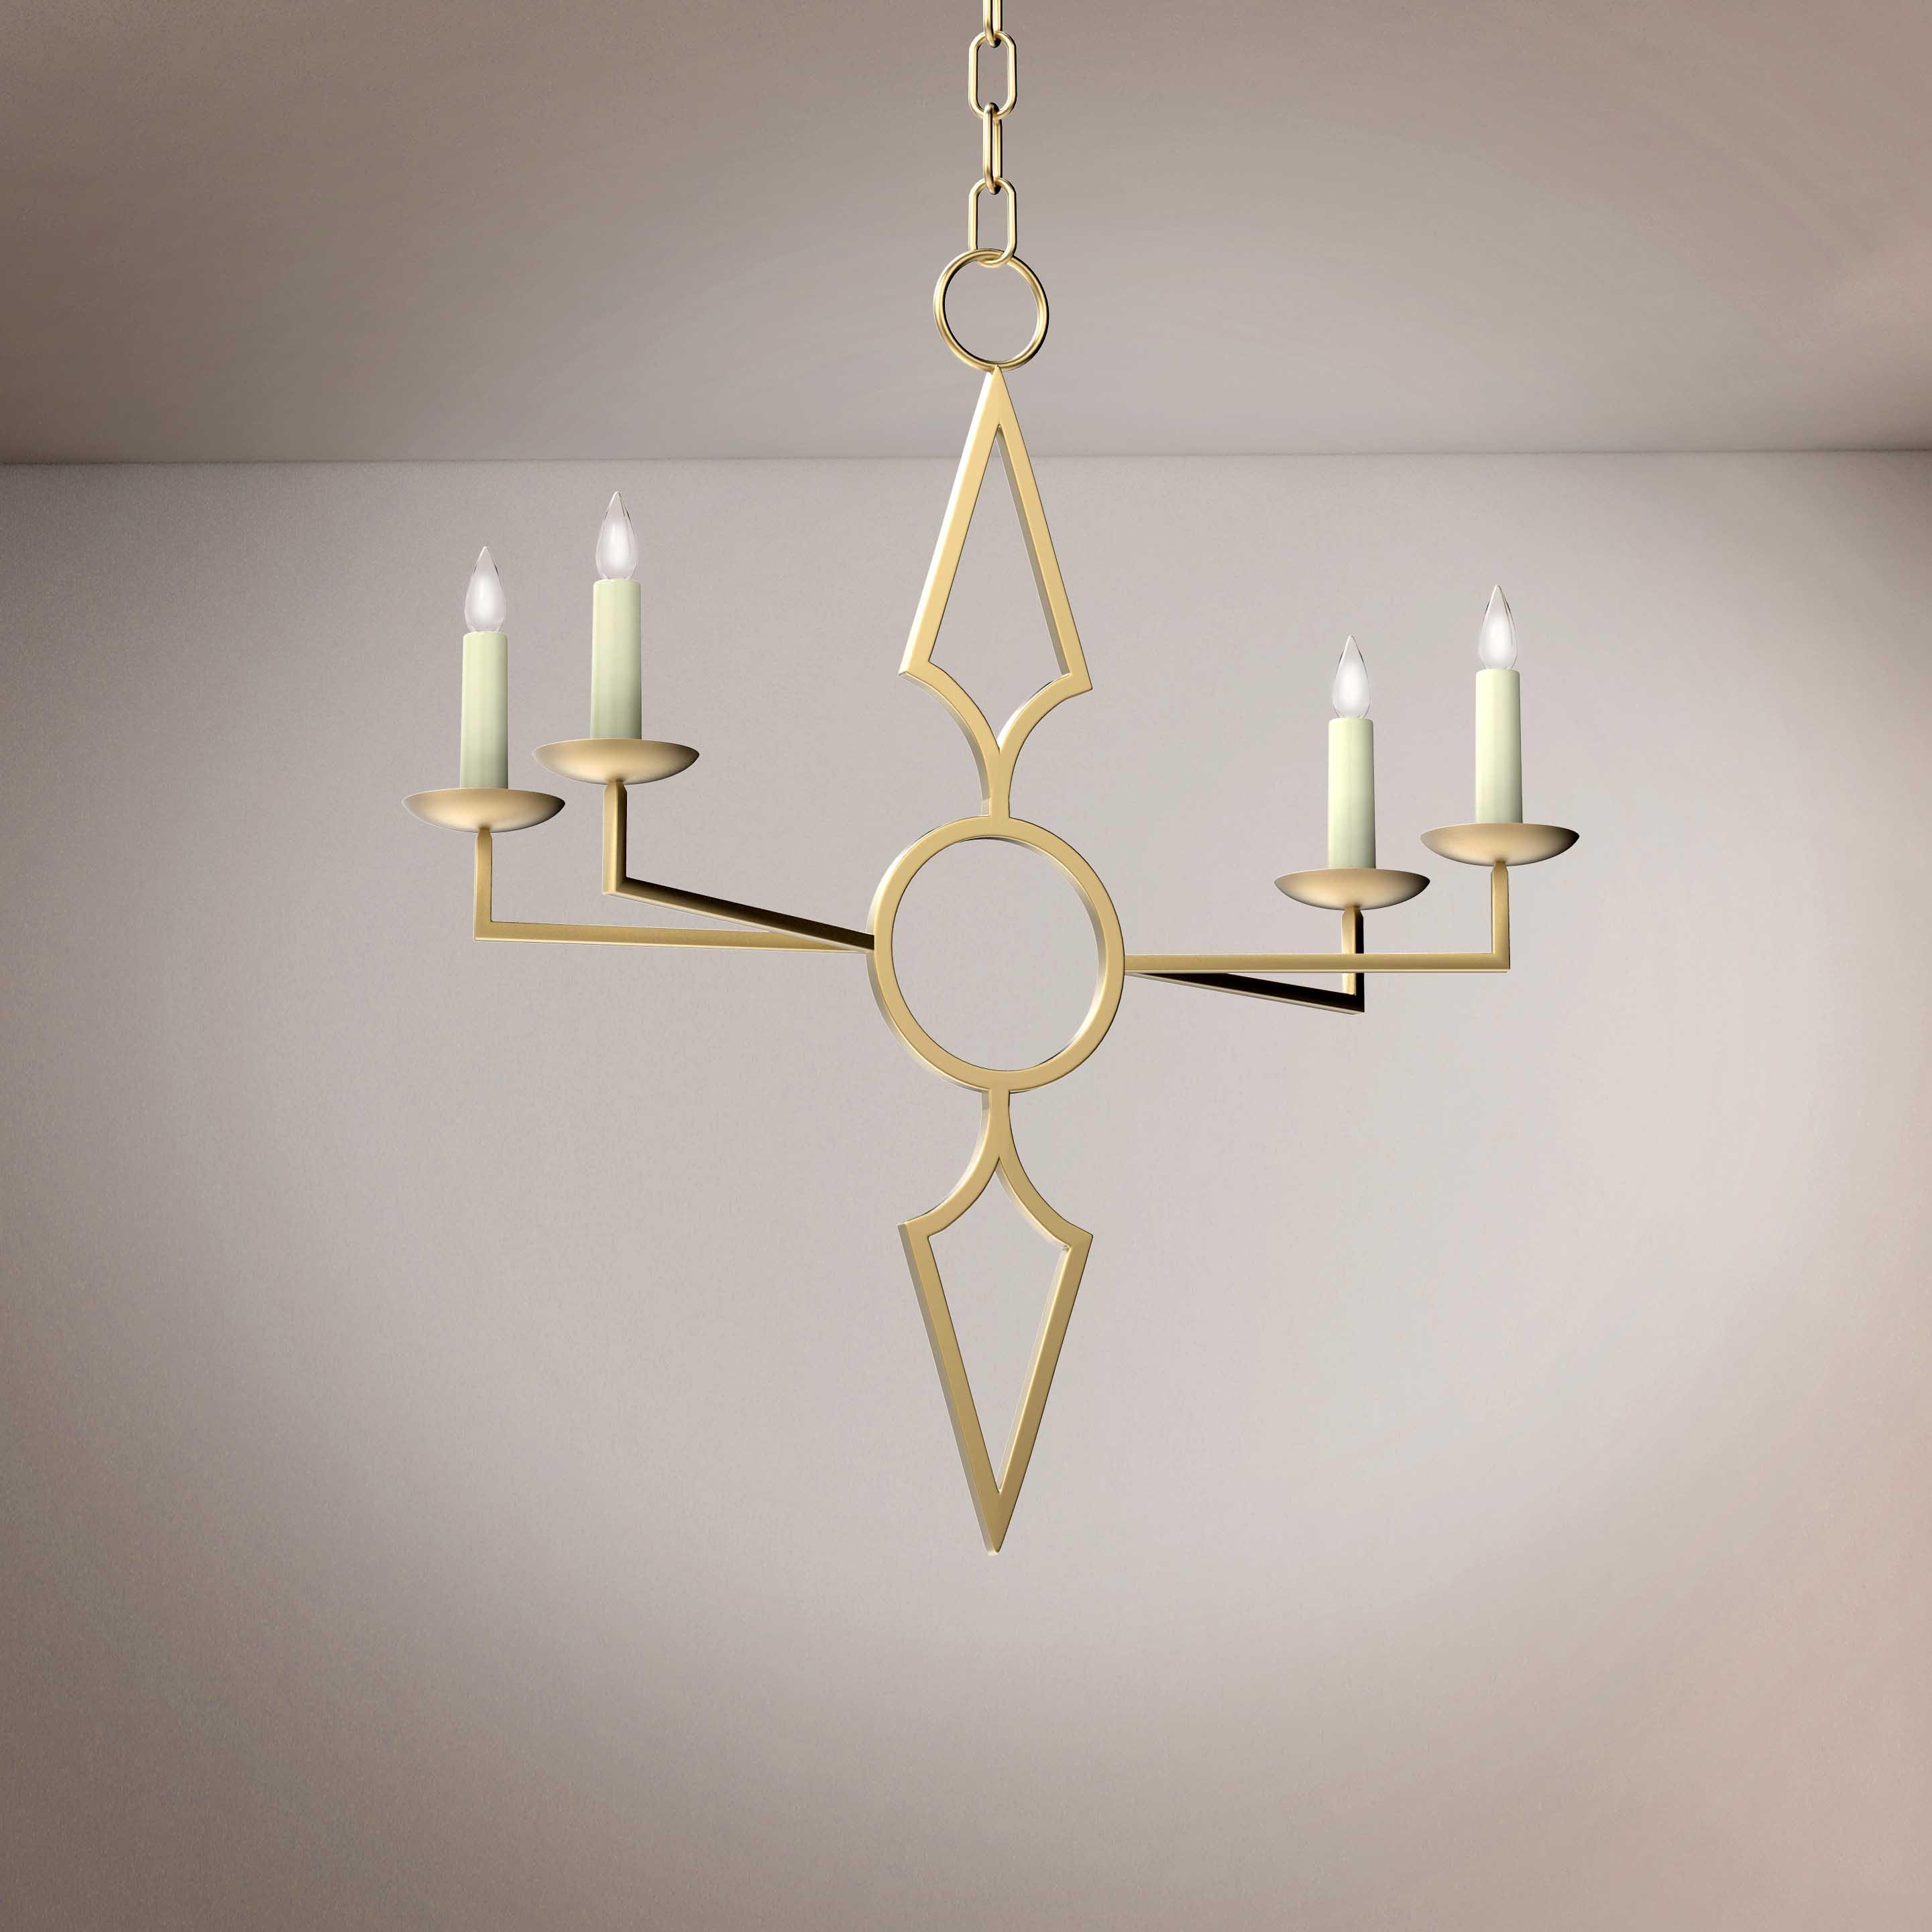 Golden Minimalist Hanging Chandelier - 3D Product